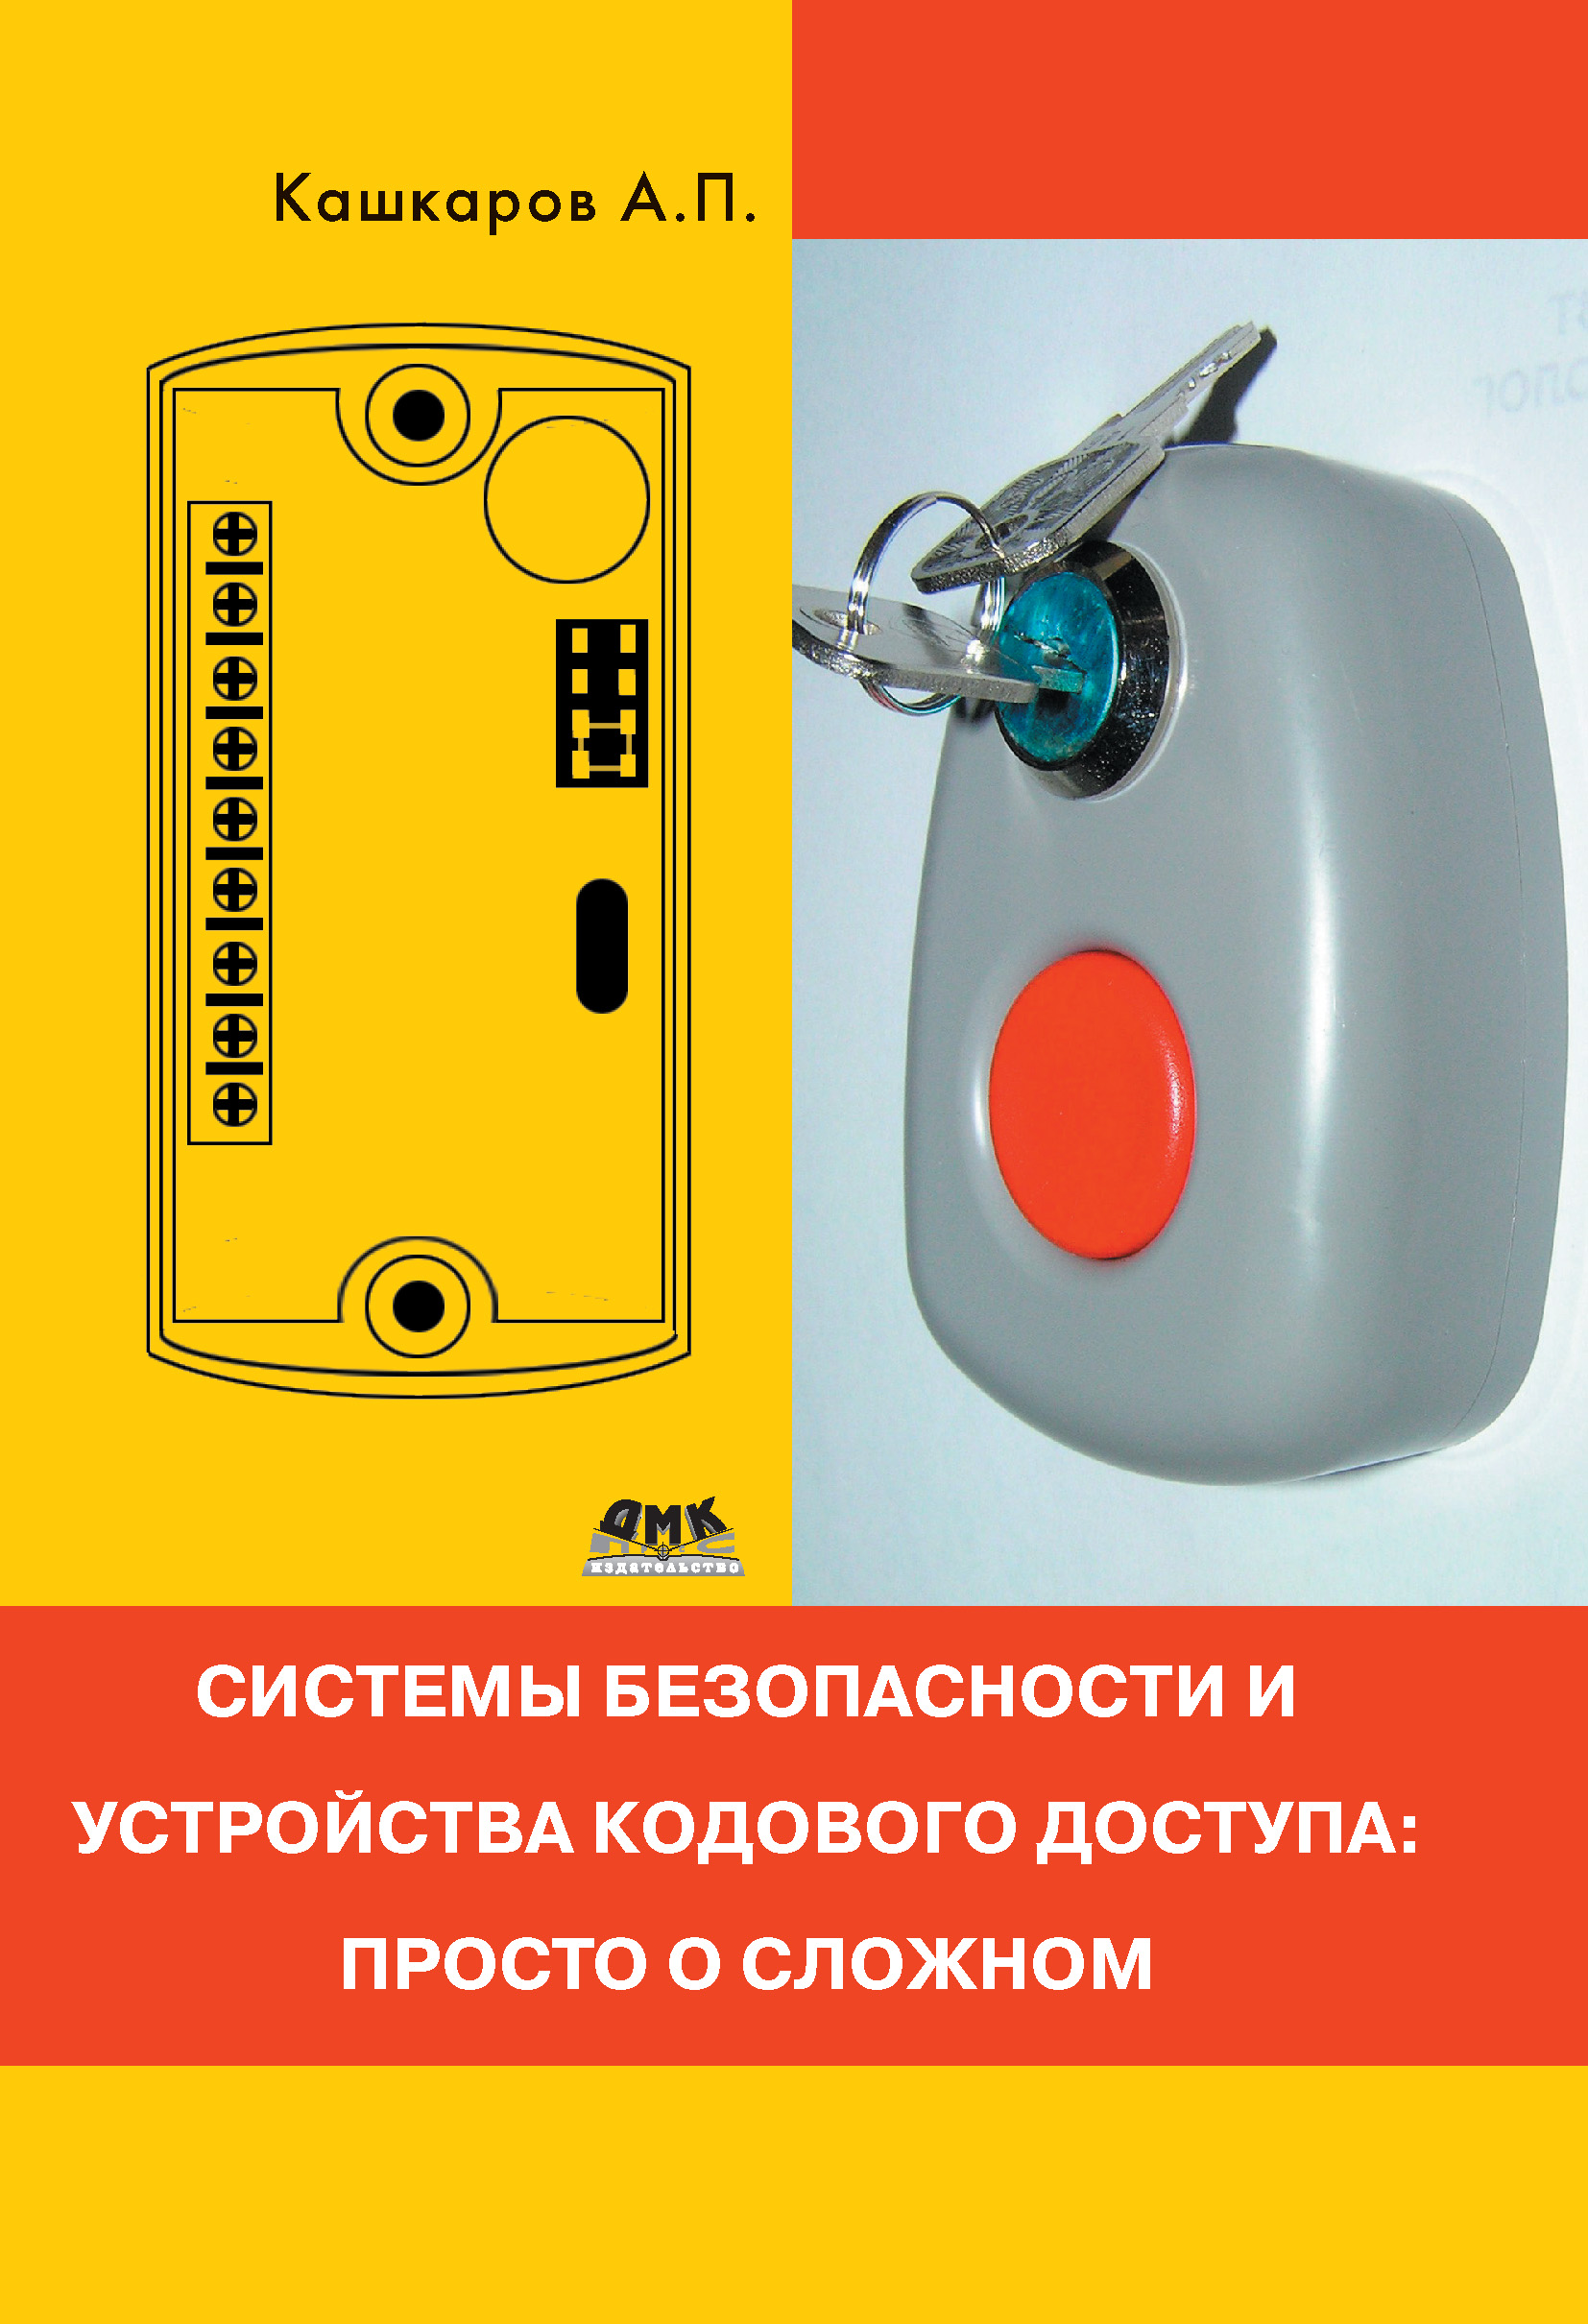 Системы безопасности и устройства кодового доступа. Просто о сложном